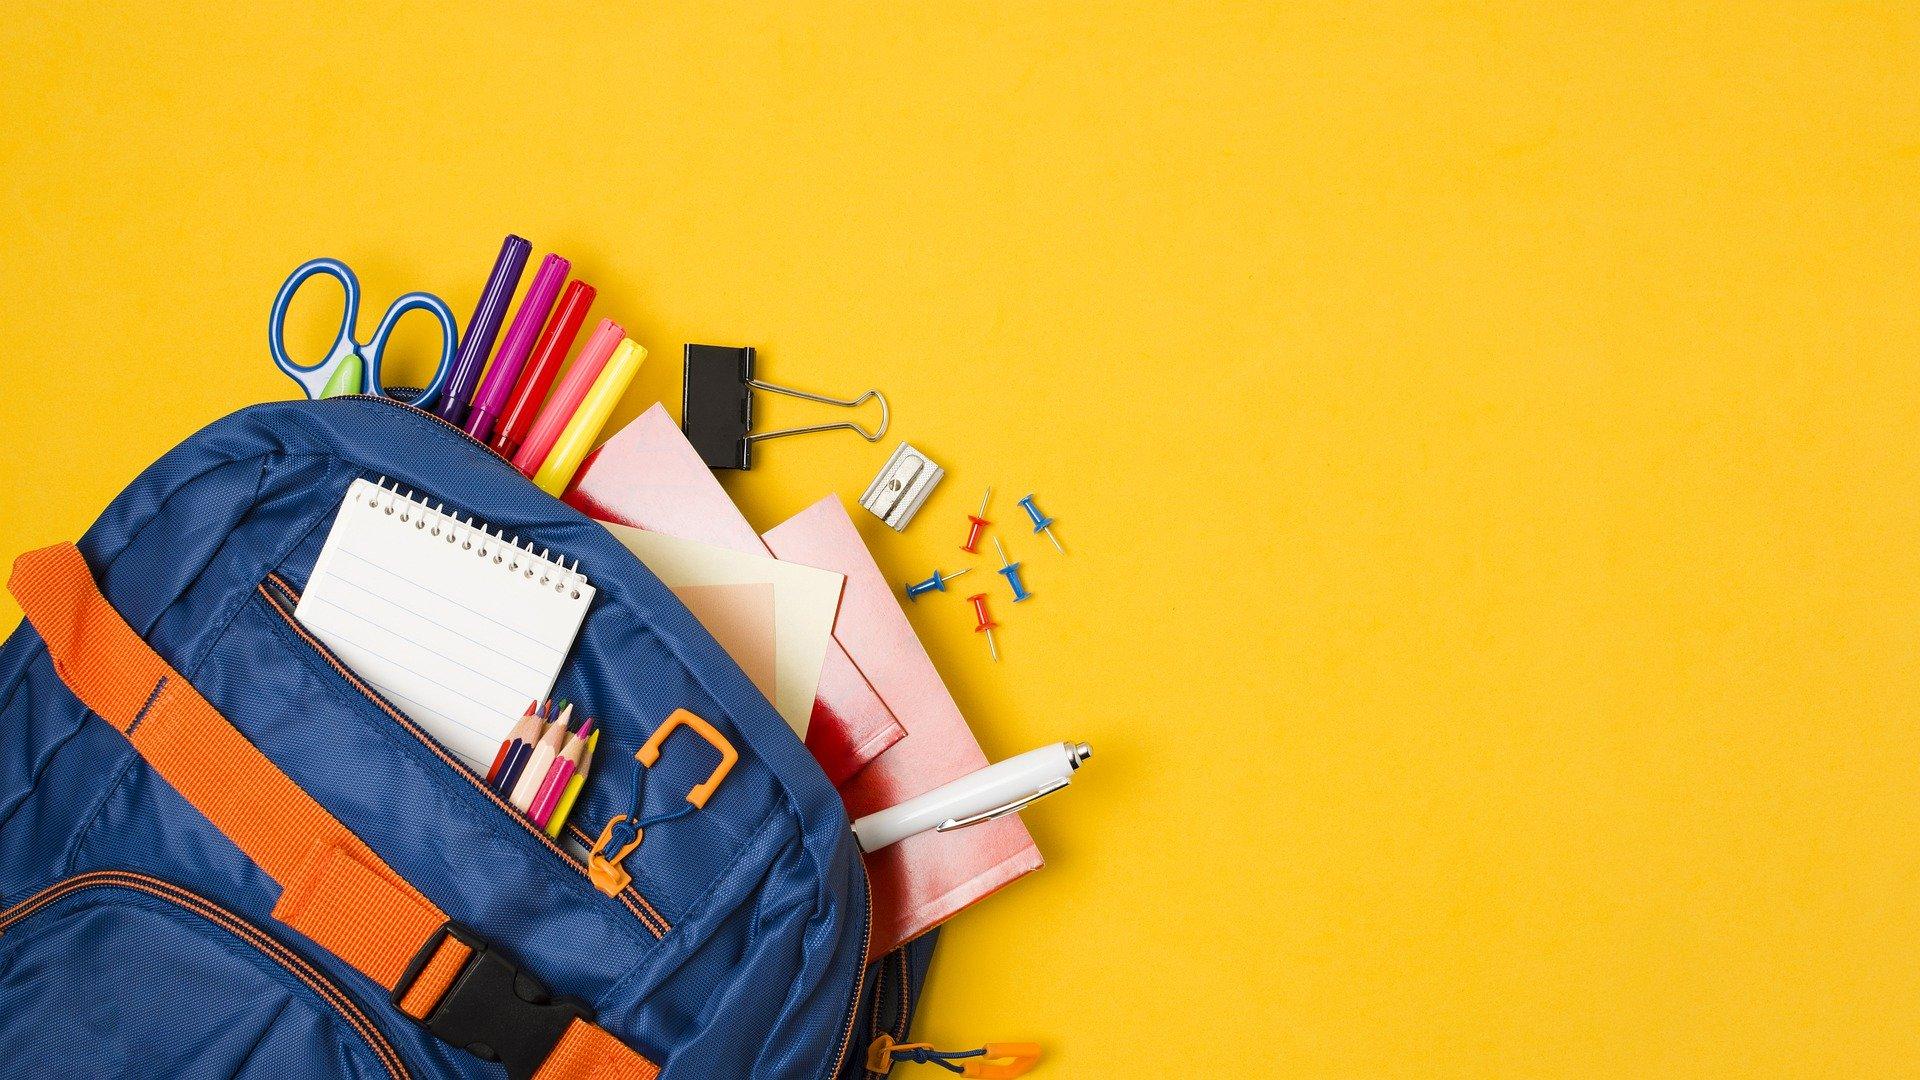 school-supplies-5541099_1920